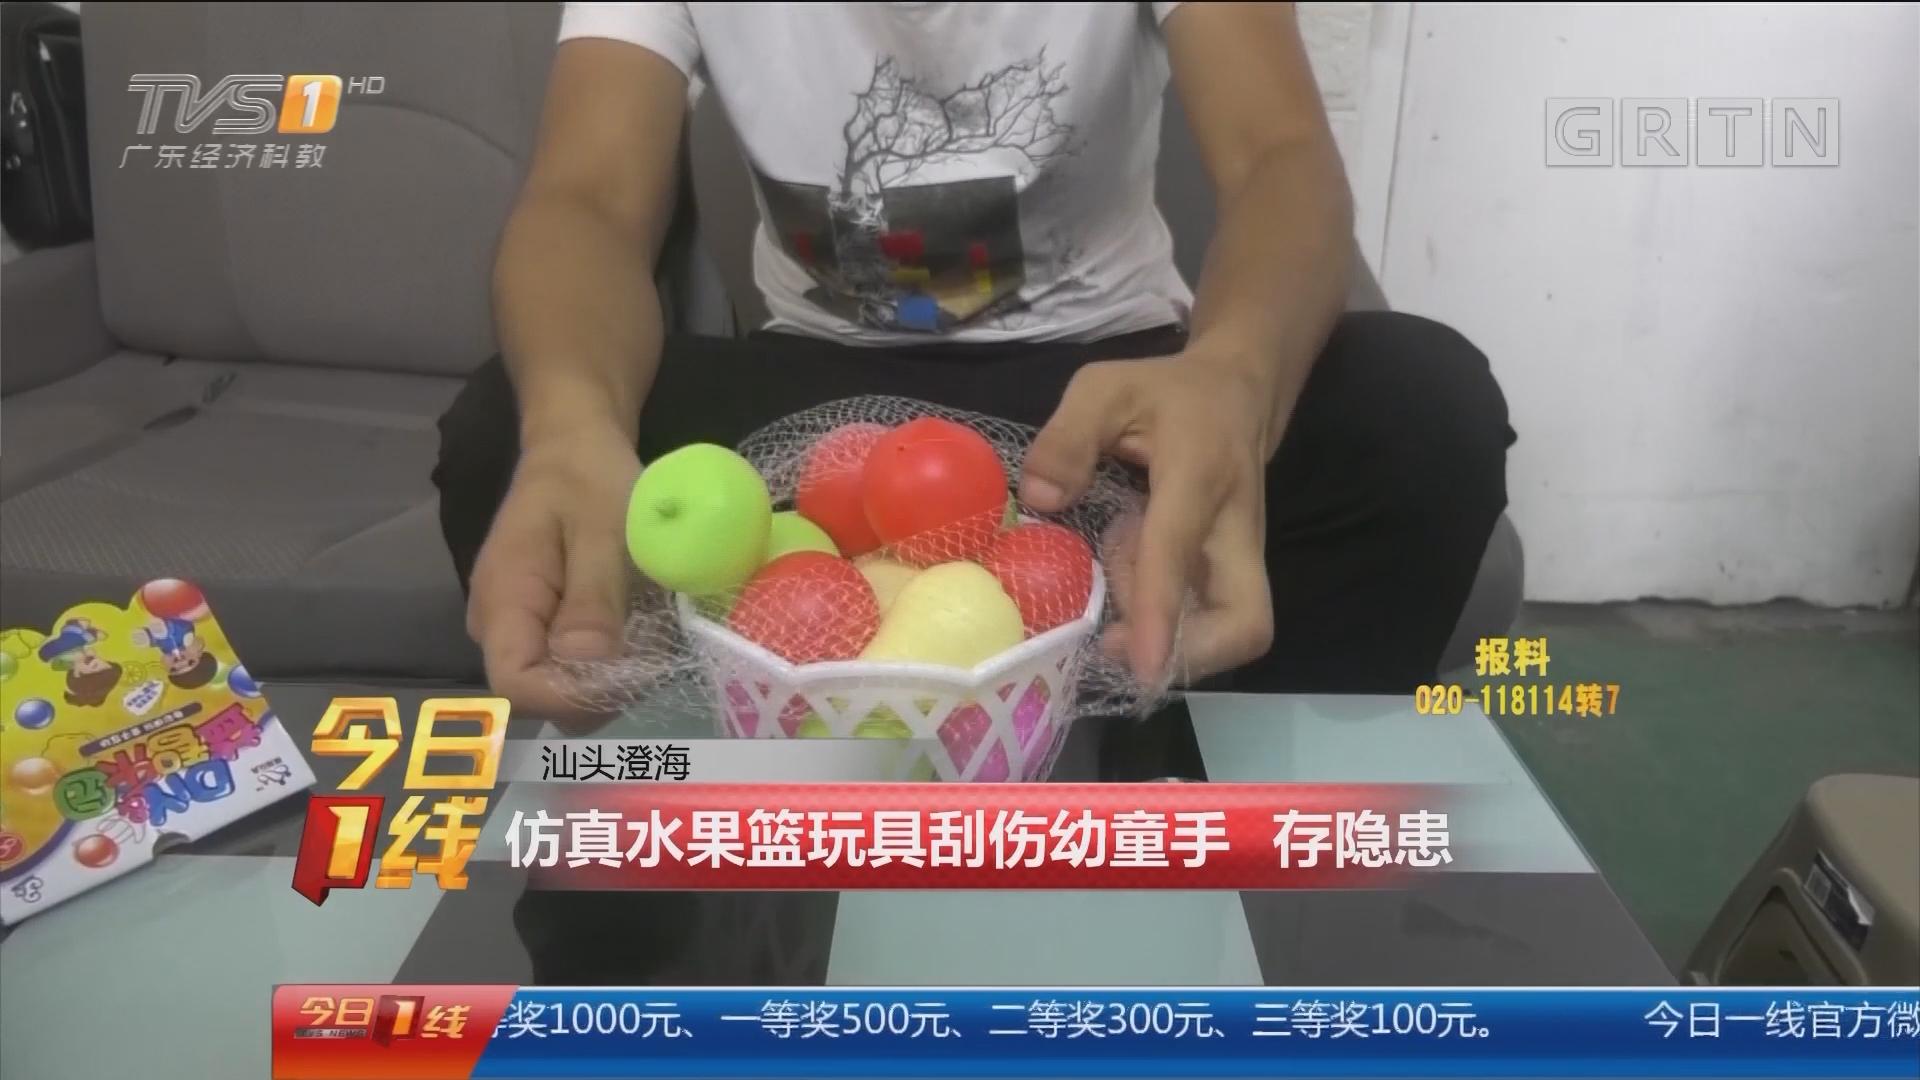 汕头澄海:仿真水果篮玩具刮伤幼童手 存隐患